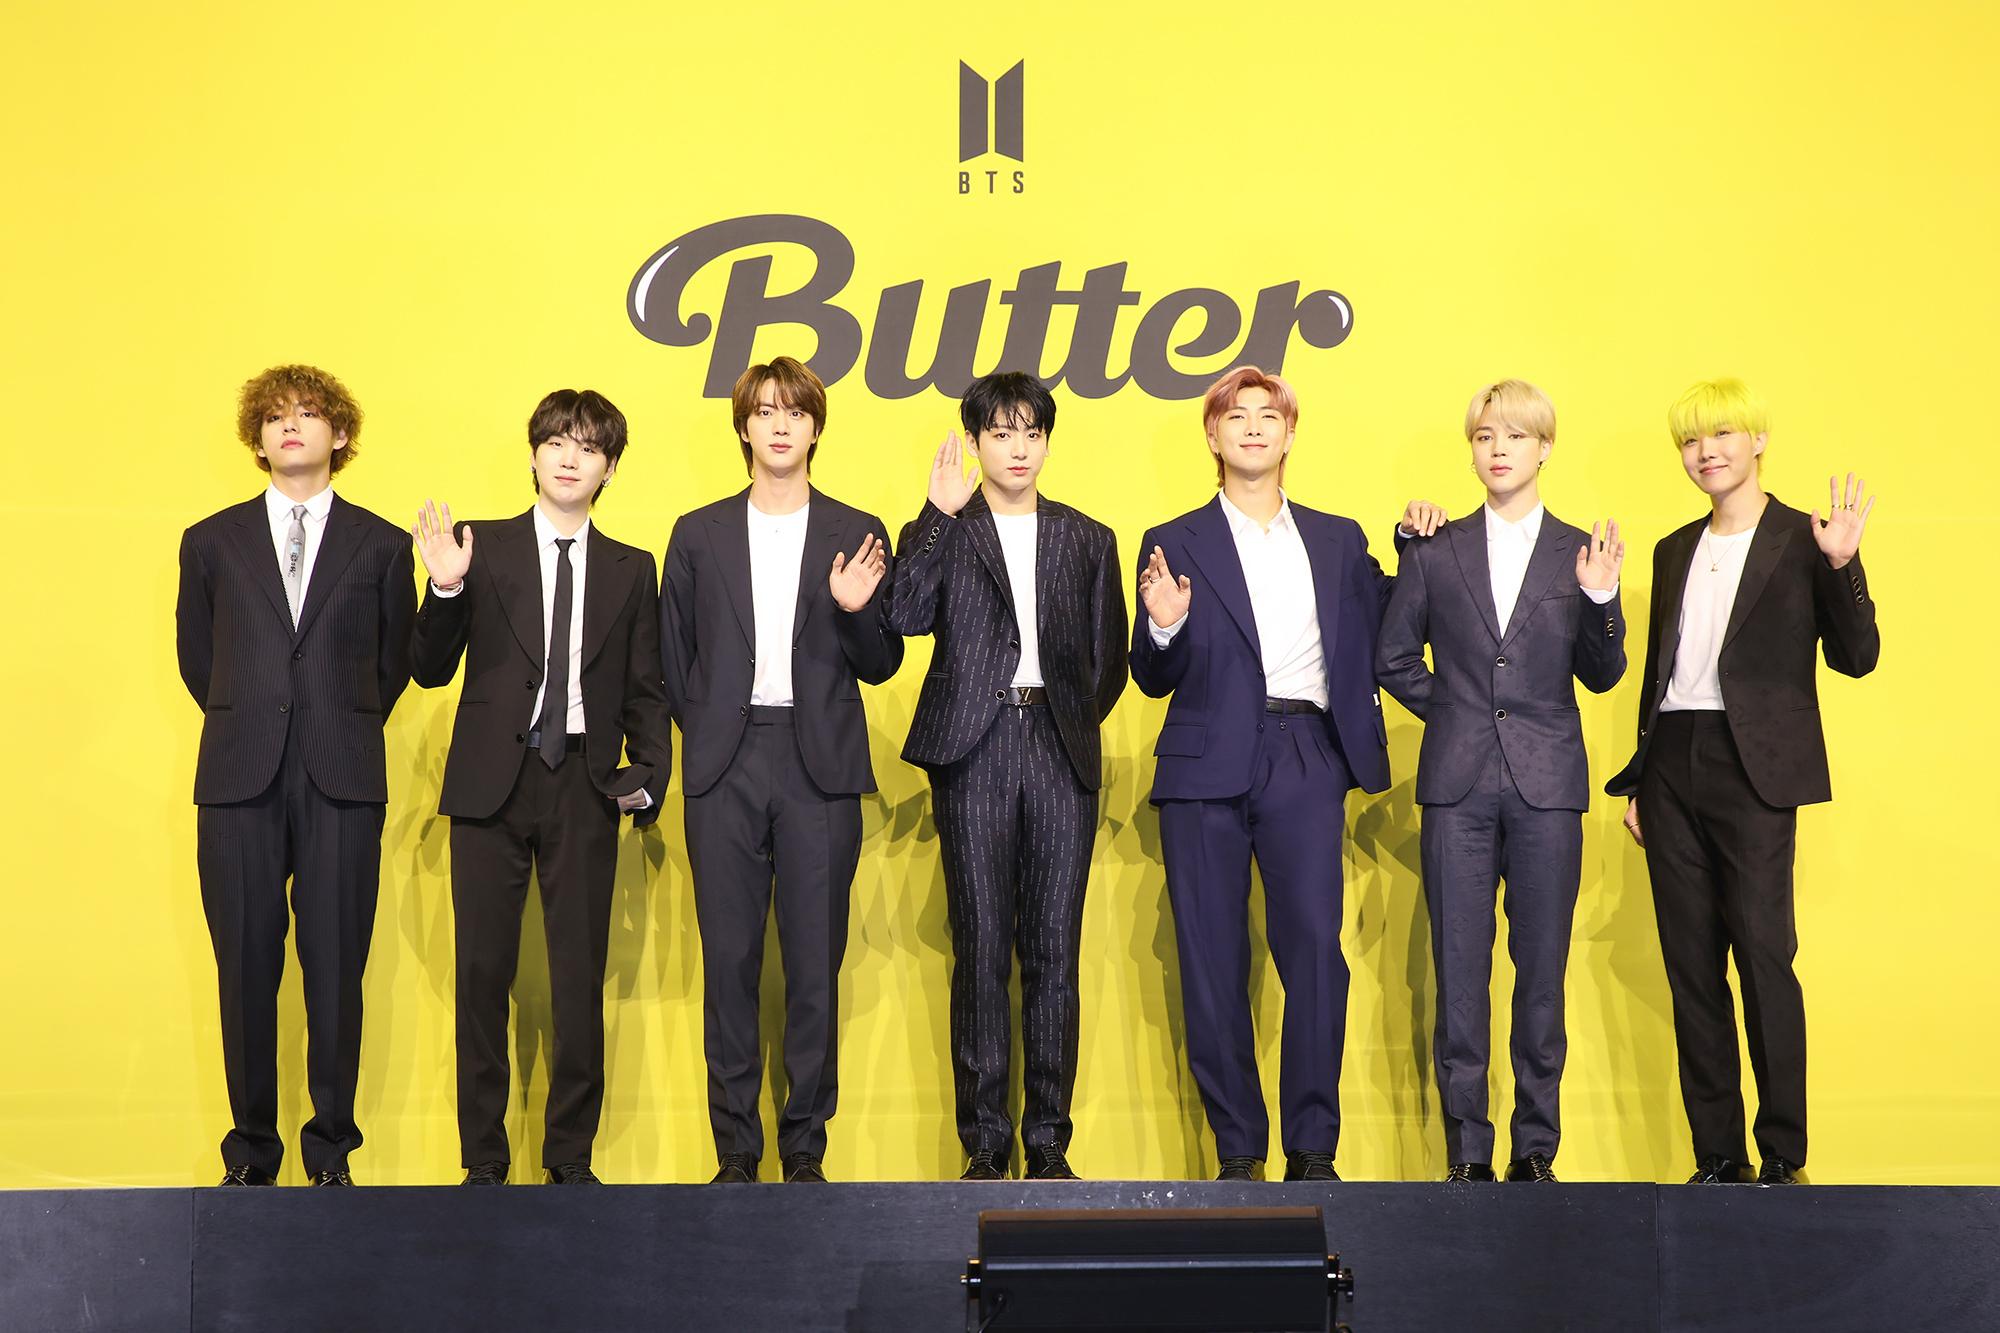 BTS Butter オンライン記者会見 集合写真